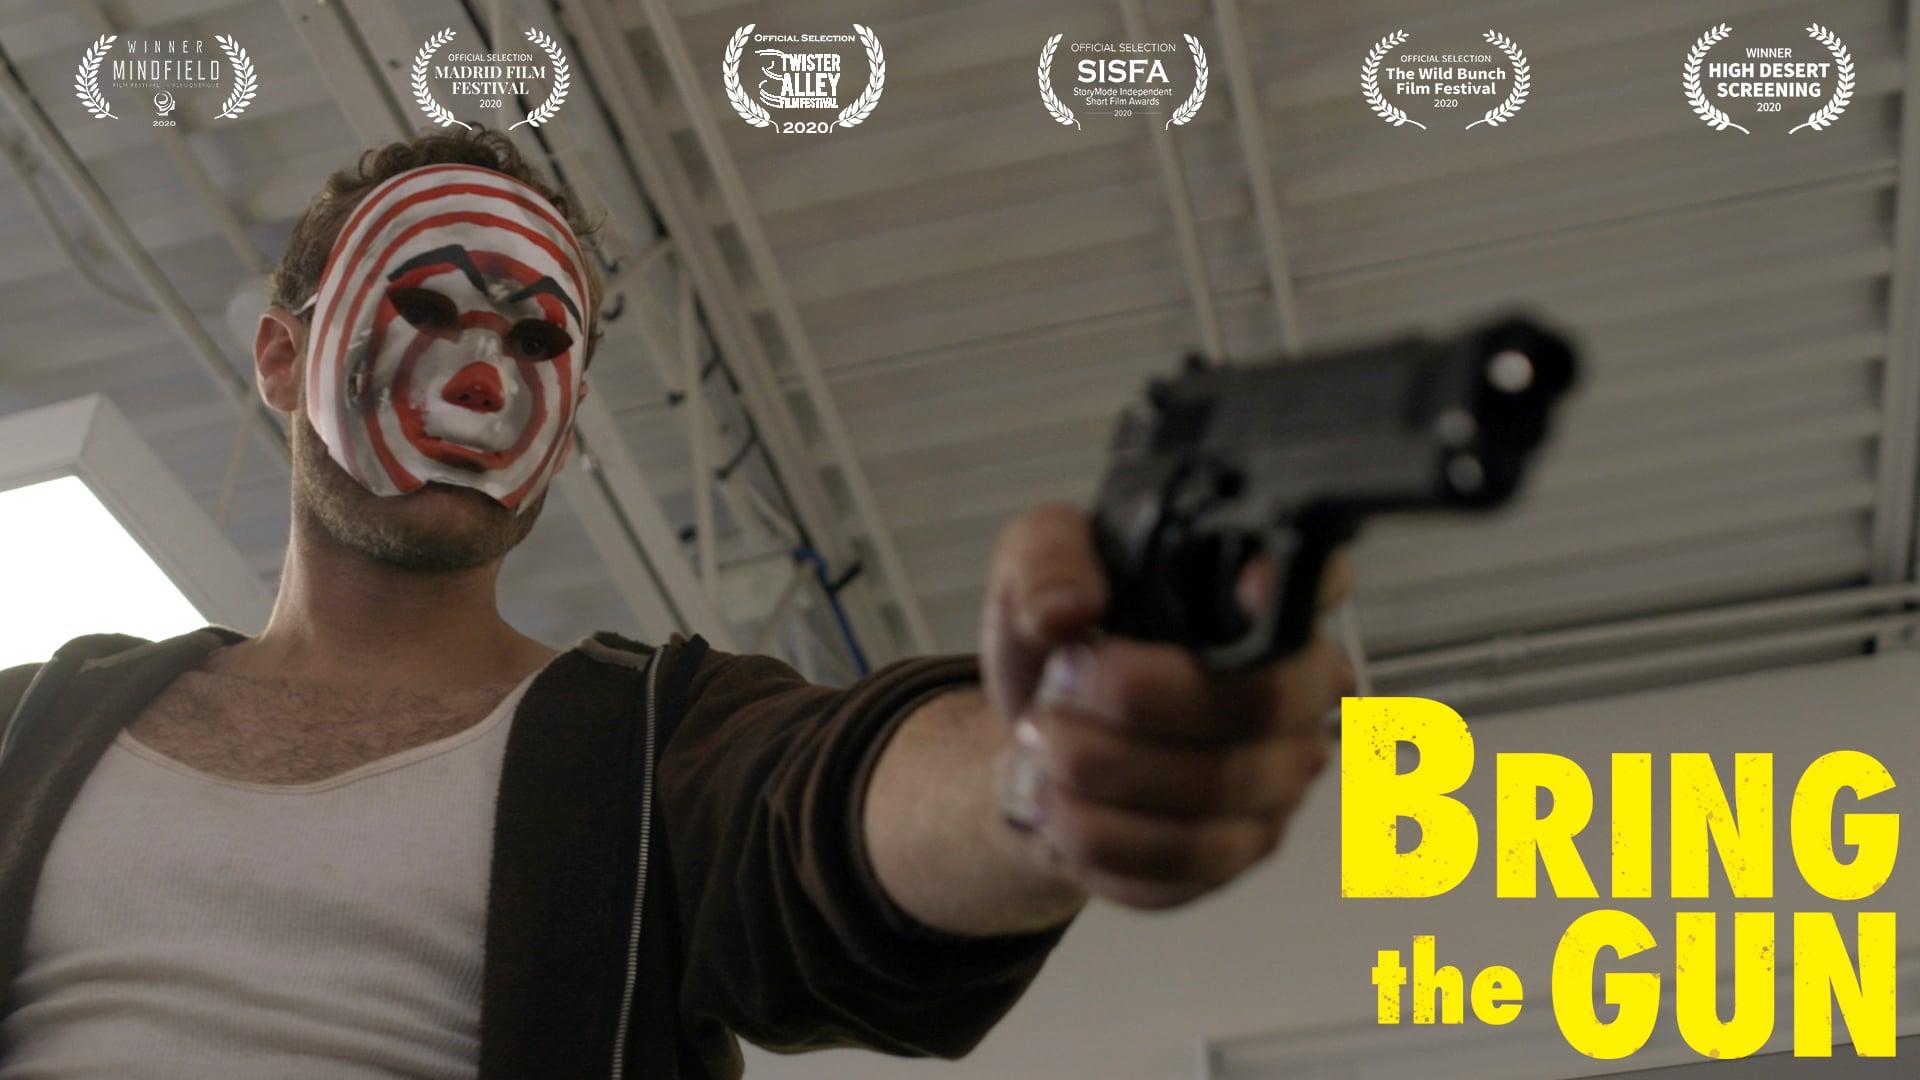 Bring the Gun